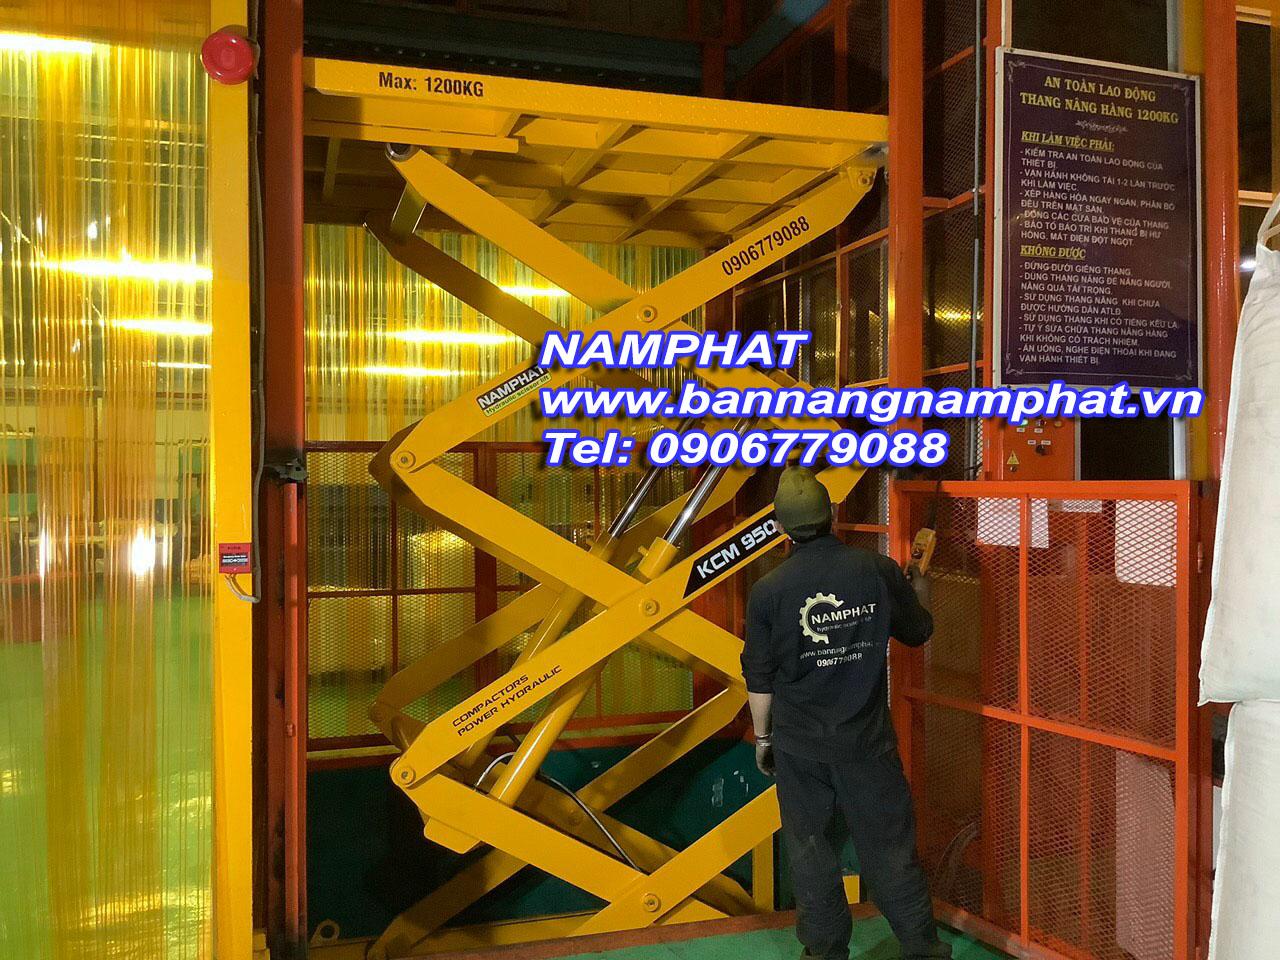 Thang máy thuỷ lực 1200 KG lắp tại KCN Sóng Thần